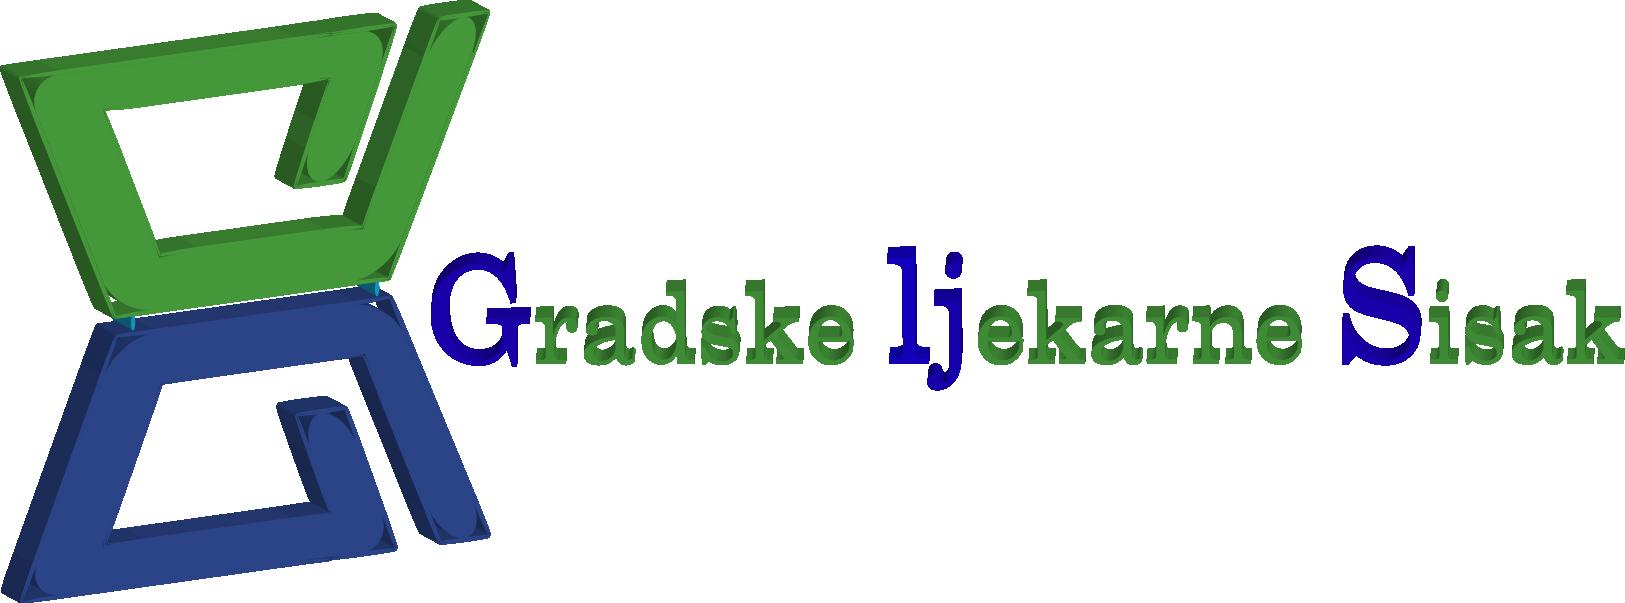 Gradske ljekarne Sisak